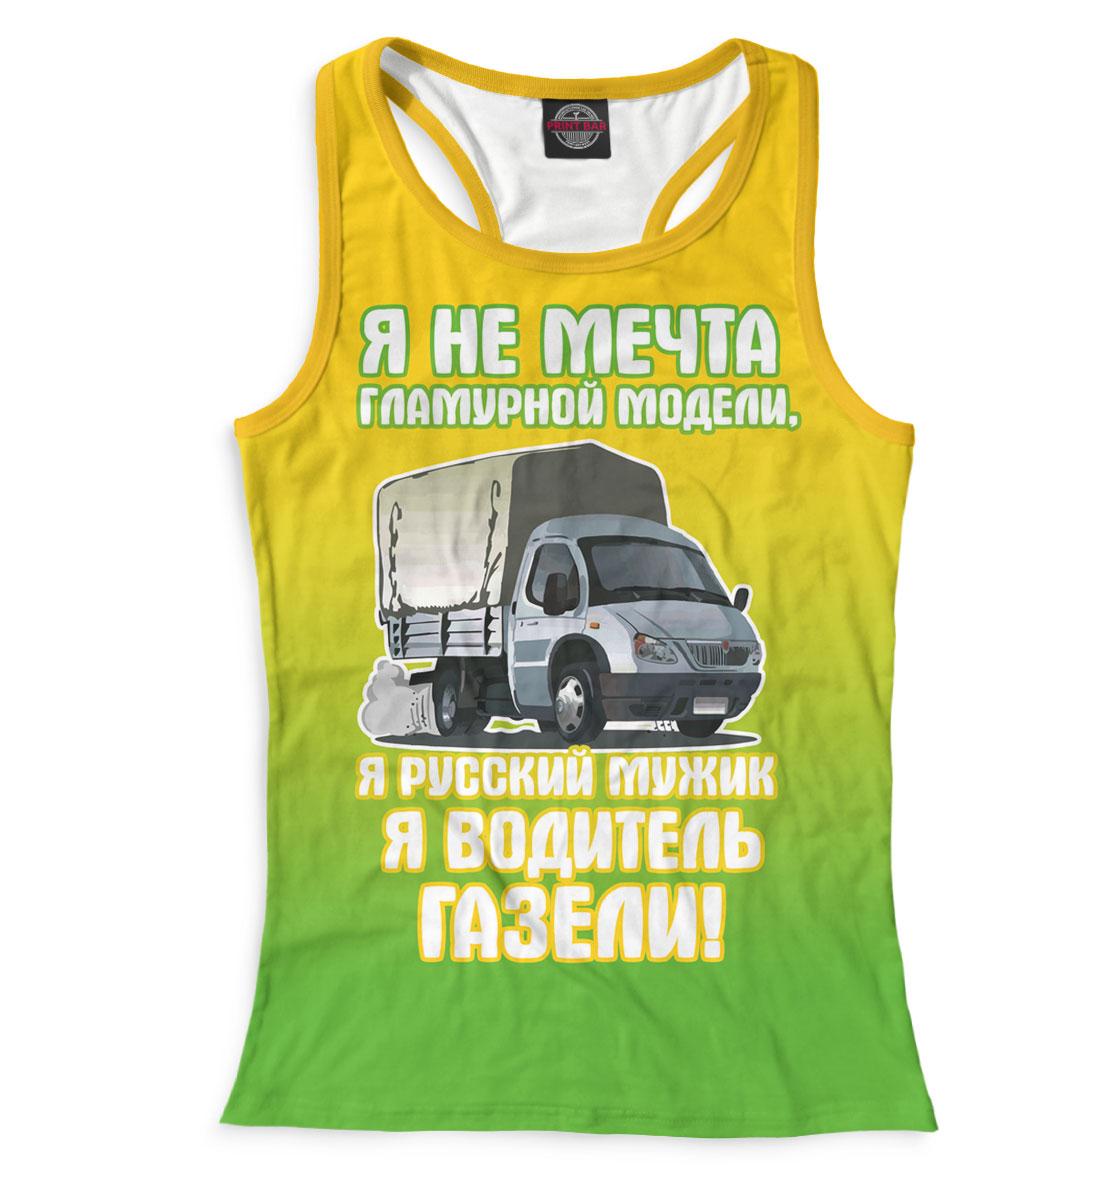 Купить Водитель Газели, Printbar, Майки борцовки, VDT-911821-mayb-1